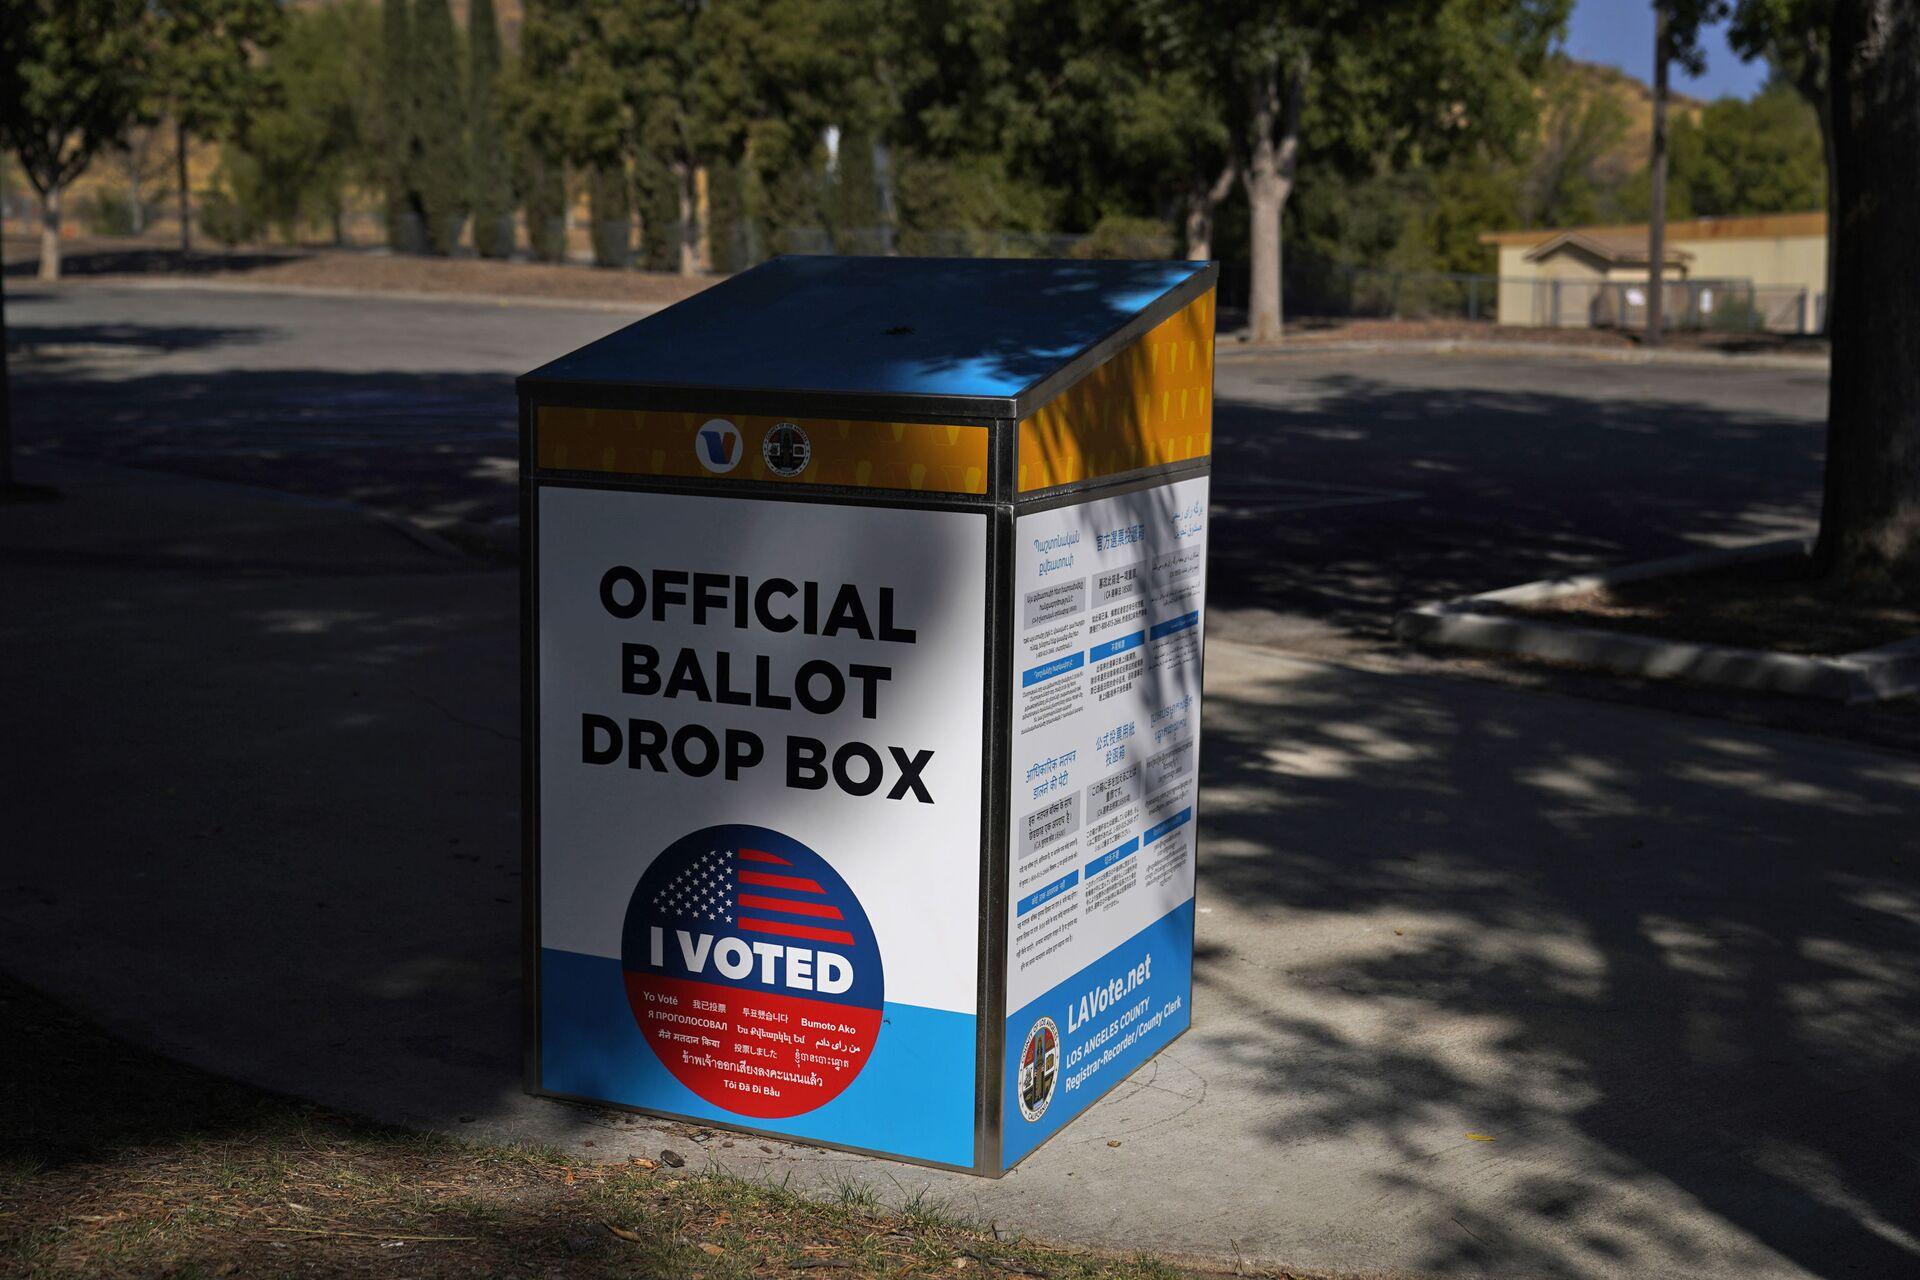 An official ballot drop box is seen Wednesday, Oct. 14, 2020, in Santa Clarita, Calif. - Sputnik International, 1920, 07.09.2021